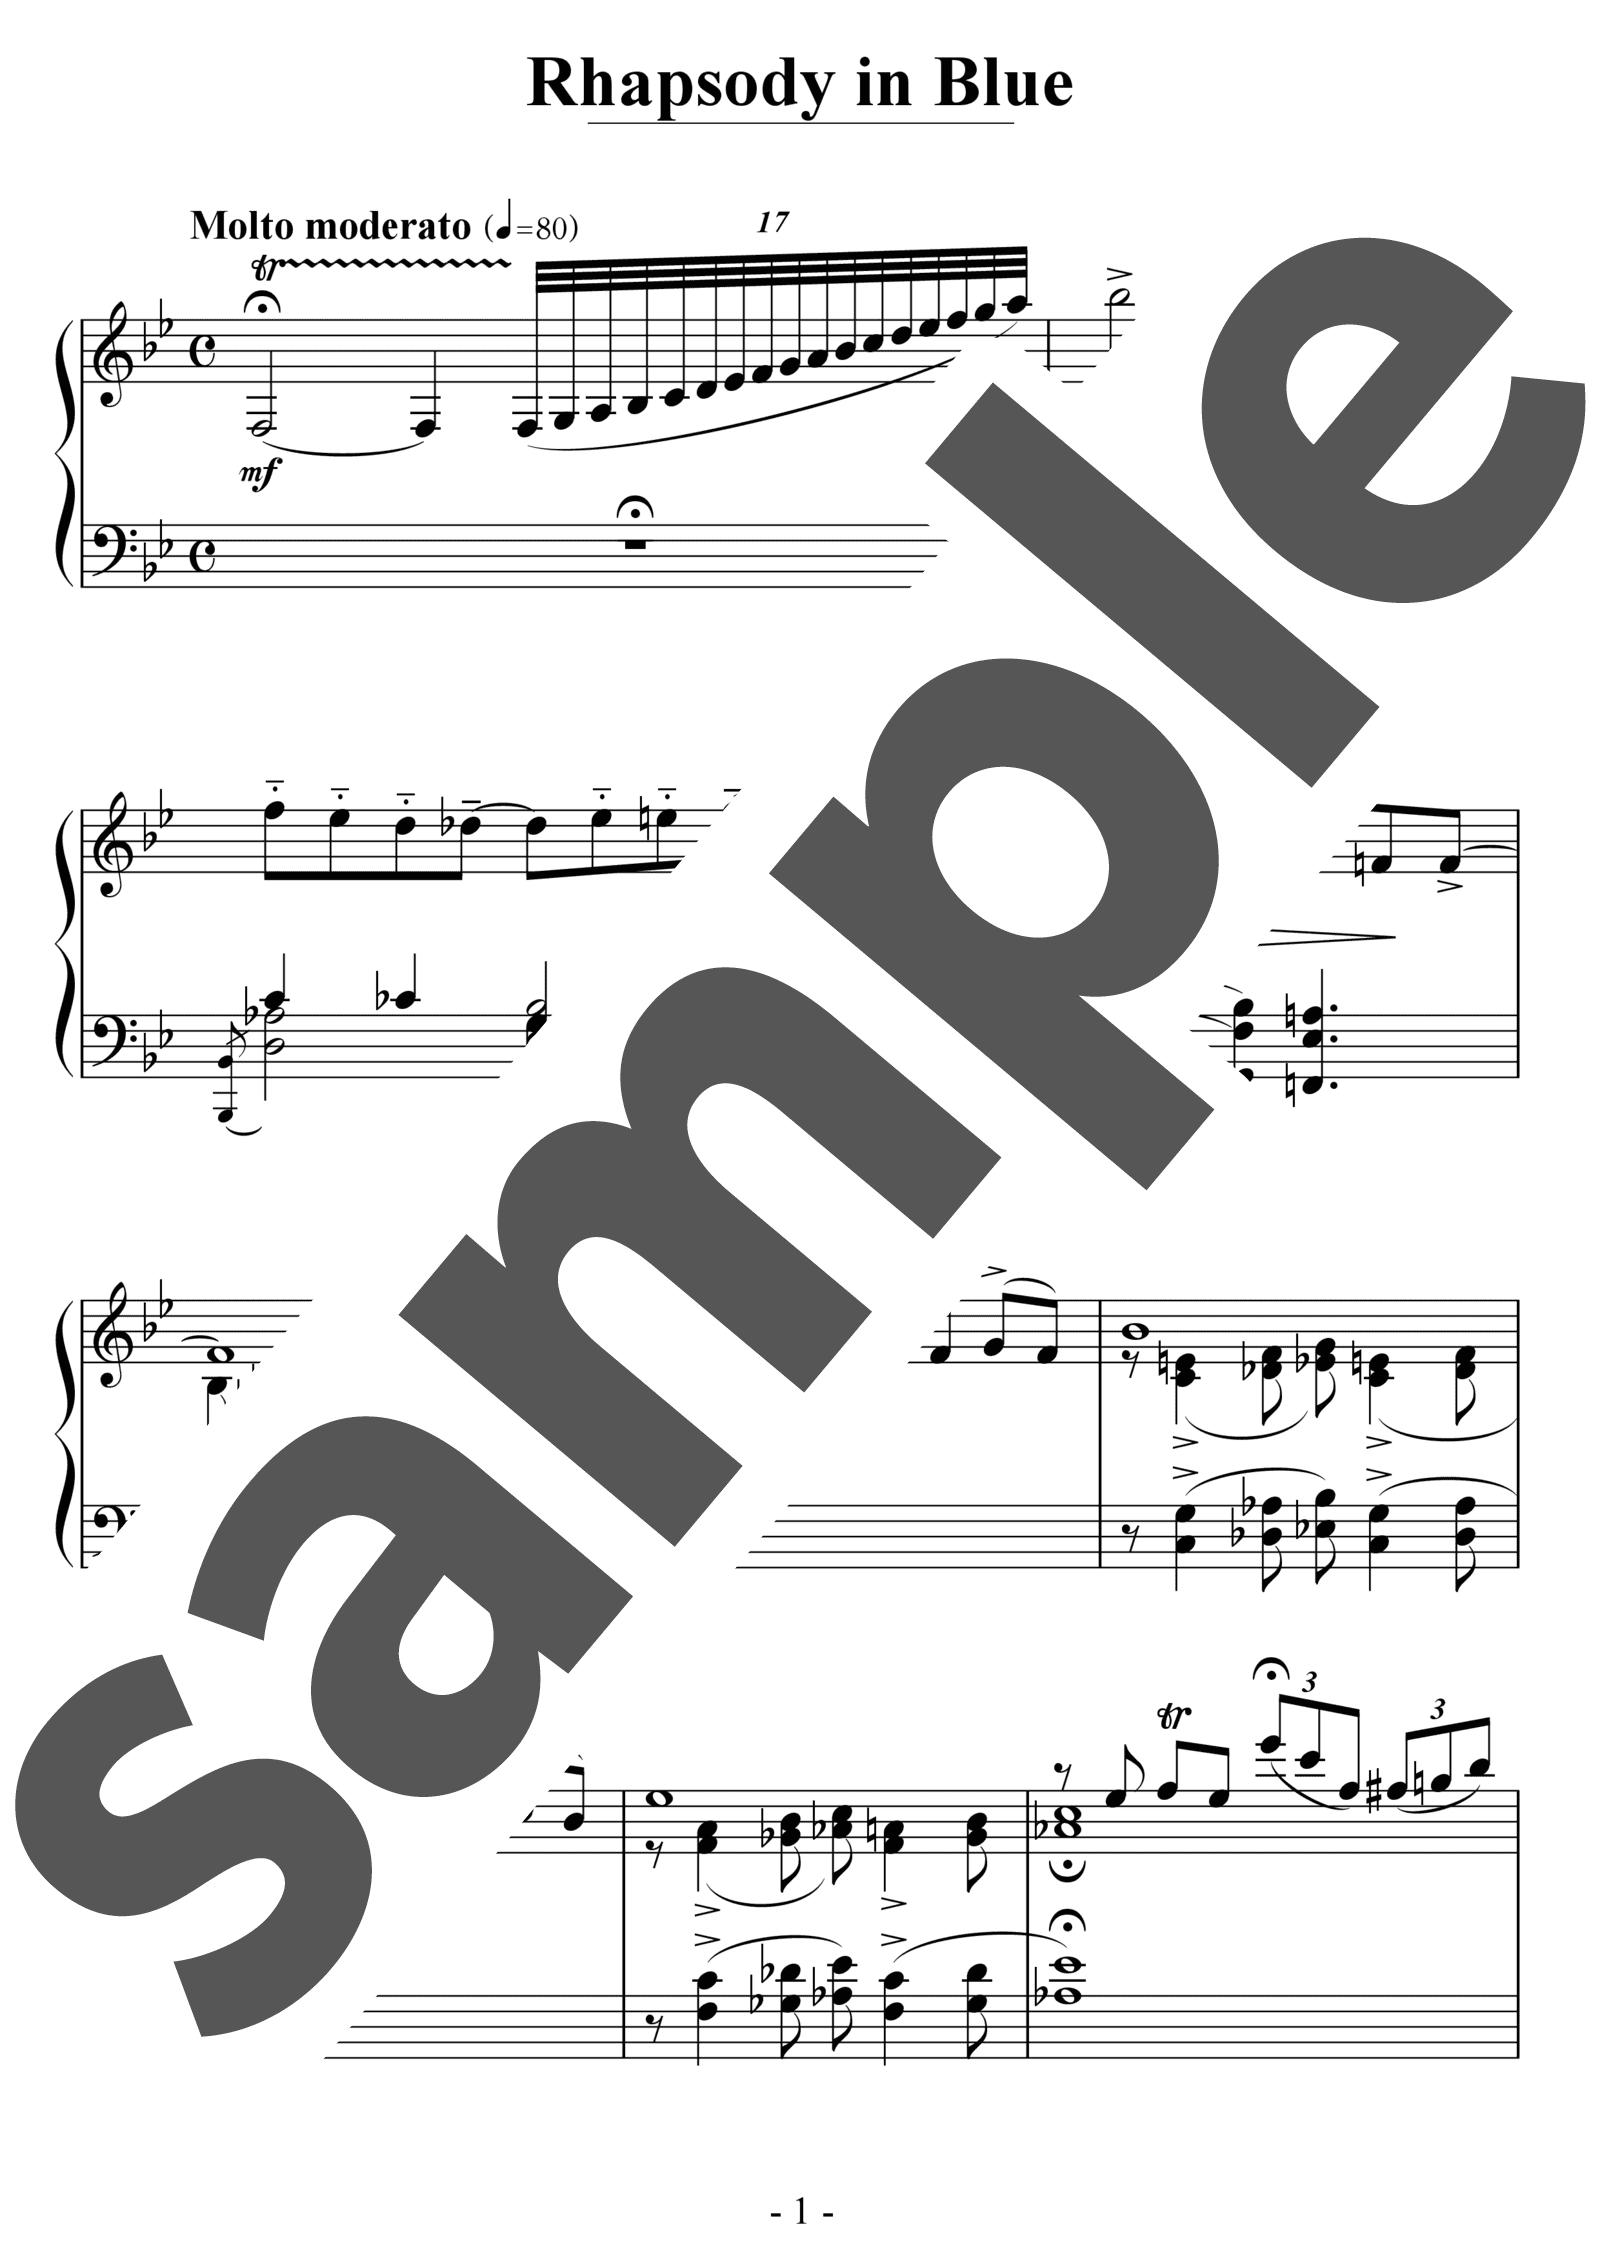 「ラプソディ・イン・ブルー」のサンプル楽譜